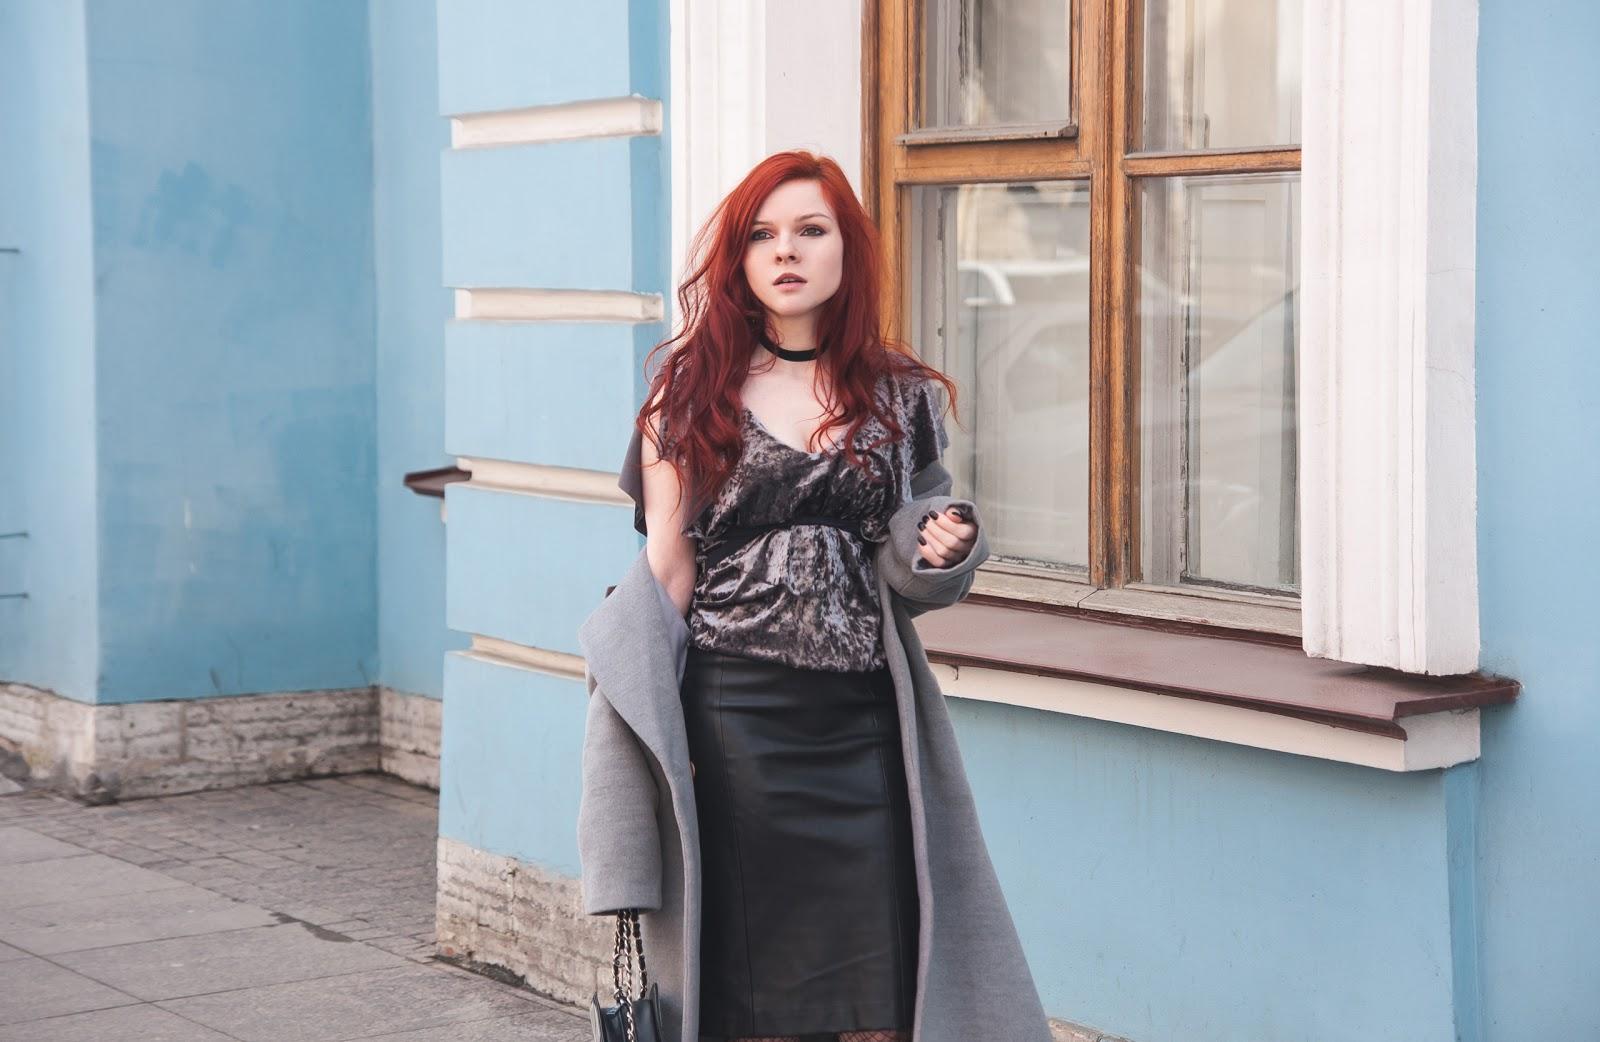 http://www.recklessdiary.ru/2017/04/barhatnyj-top-kazhanaya-yubka-karandash-francuzskij-stil-zaful-otzyvy.html